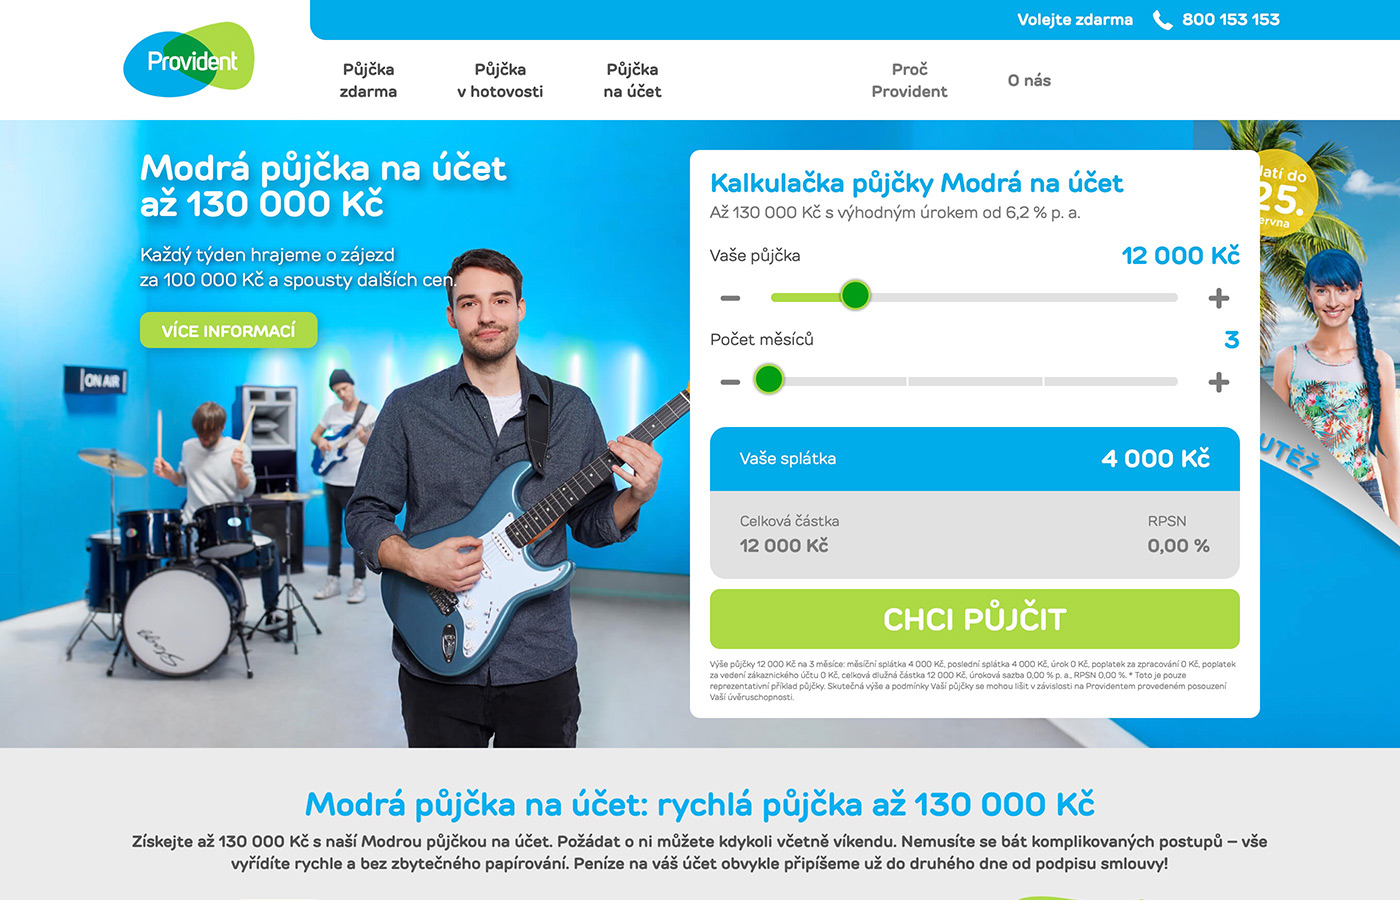 Náhled webových stránek www.provident.cz/pujcky/pujcka-na-ucet